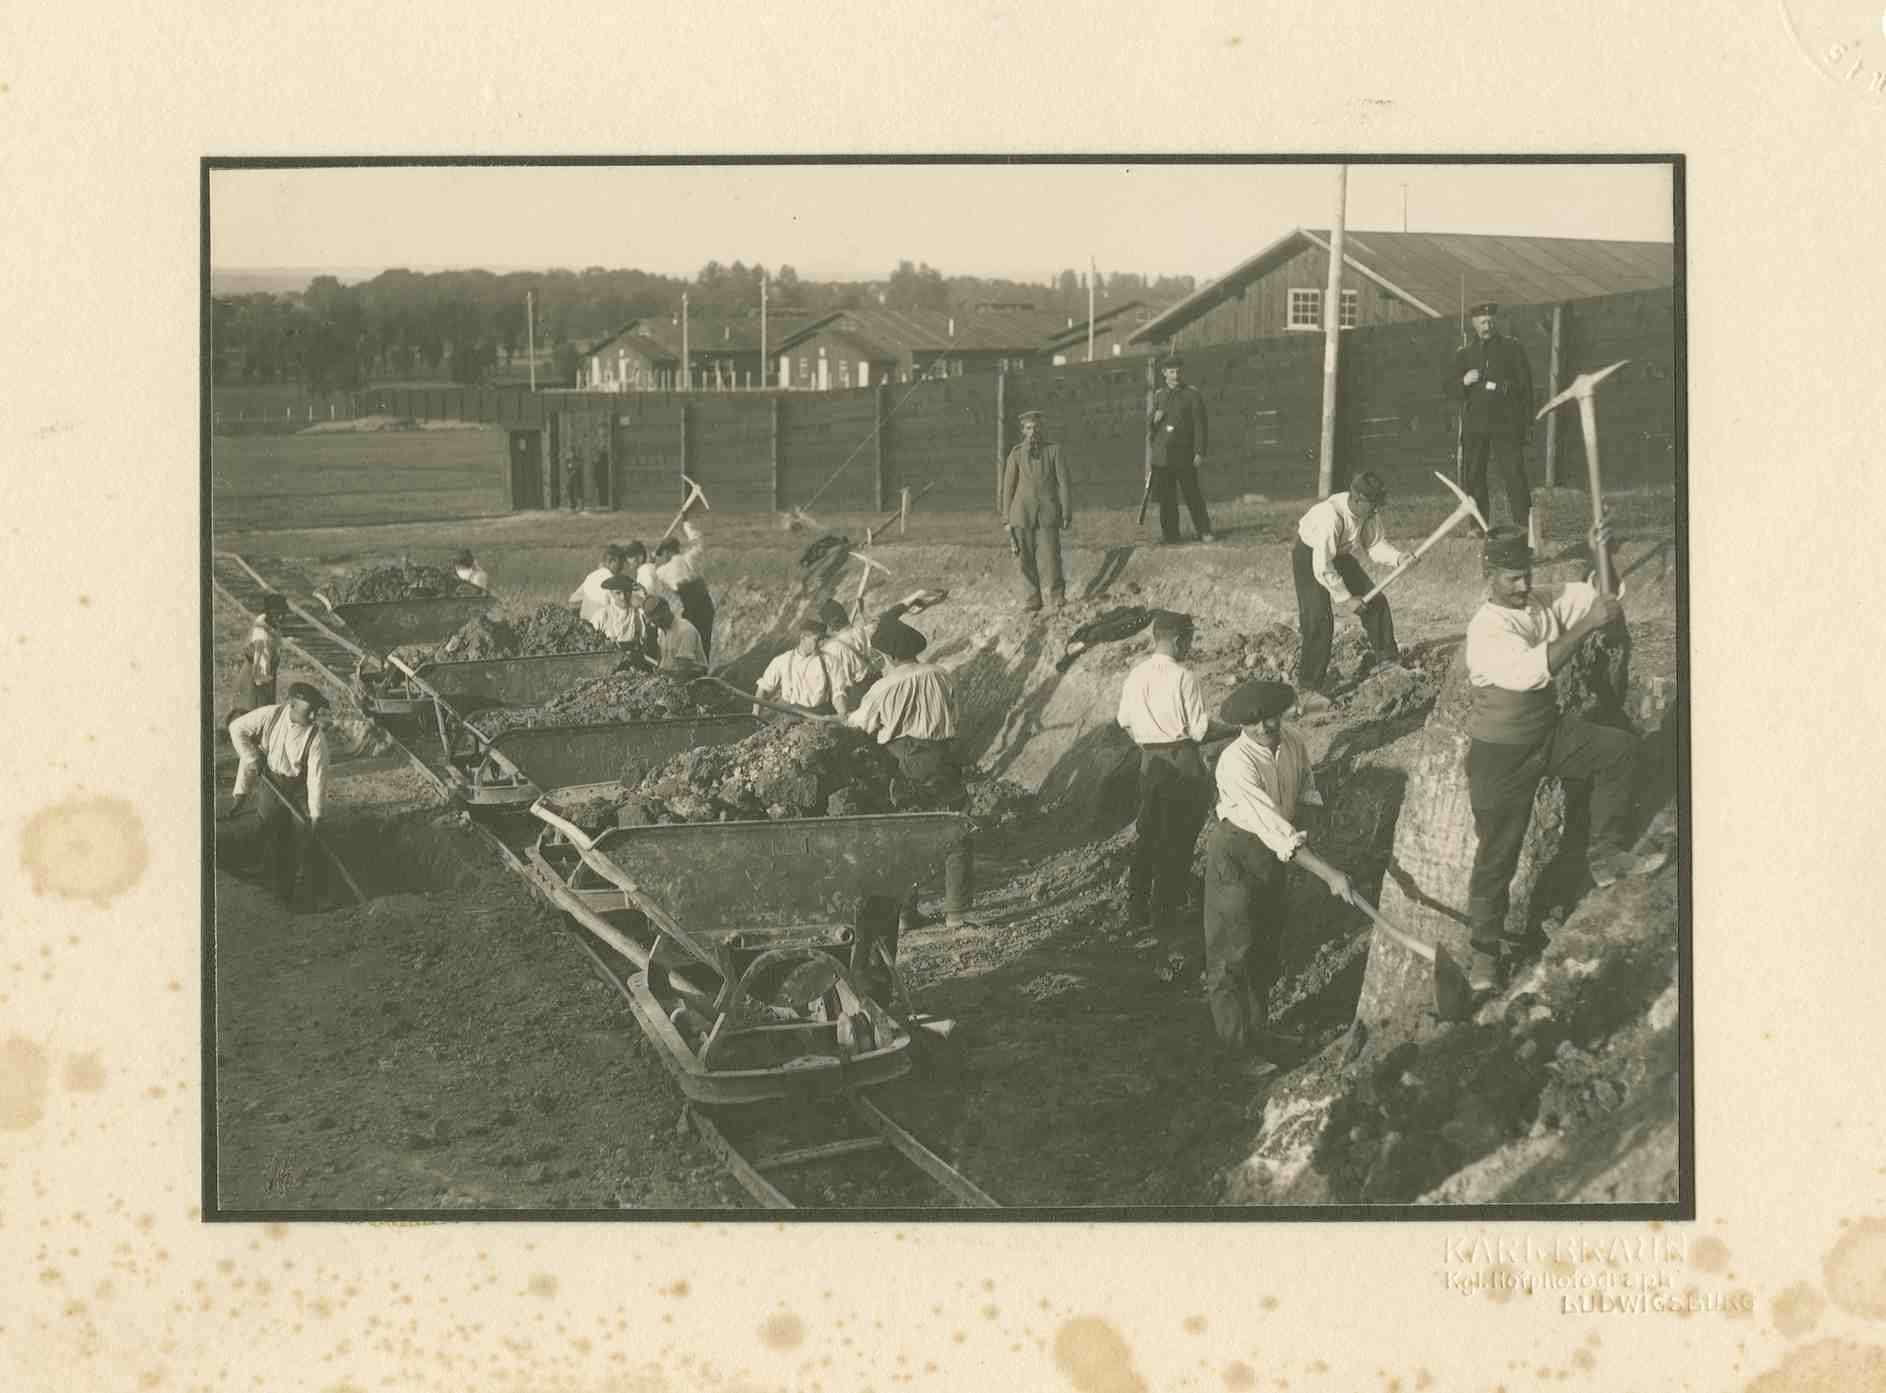 16 Kriegsgefangene mit Spitzhacken und Schaufeln bei Erdarbeiten (Geländebegradigung) im Ausseneinsatz, zwei Wachhabende, Kriegsgefangenenlager Ludwigsburg-Eglosheim, Bild 1